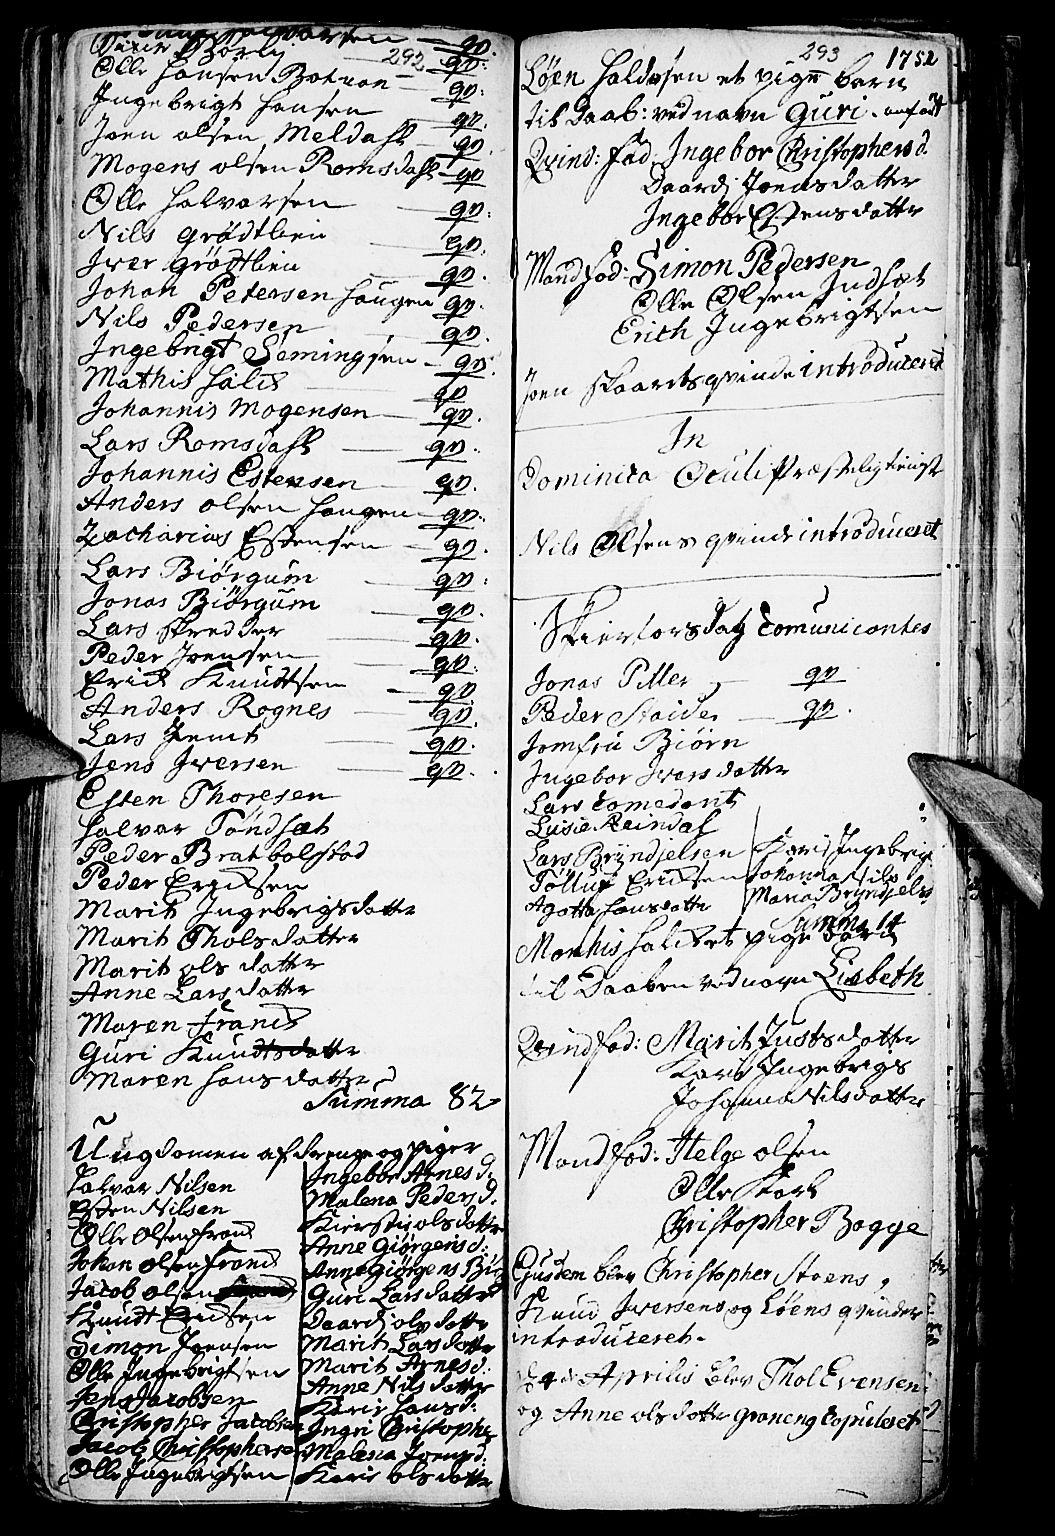 SAH, Kvikne prestekontor, Parish register (official) no. 1, 1740-1756, p. 292-293